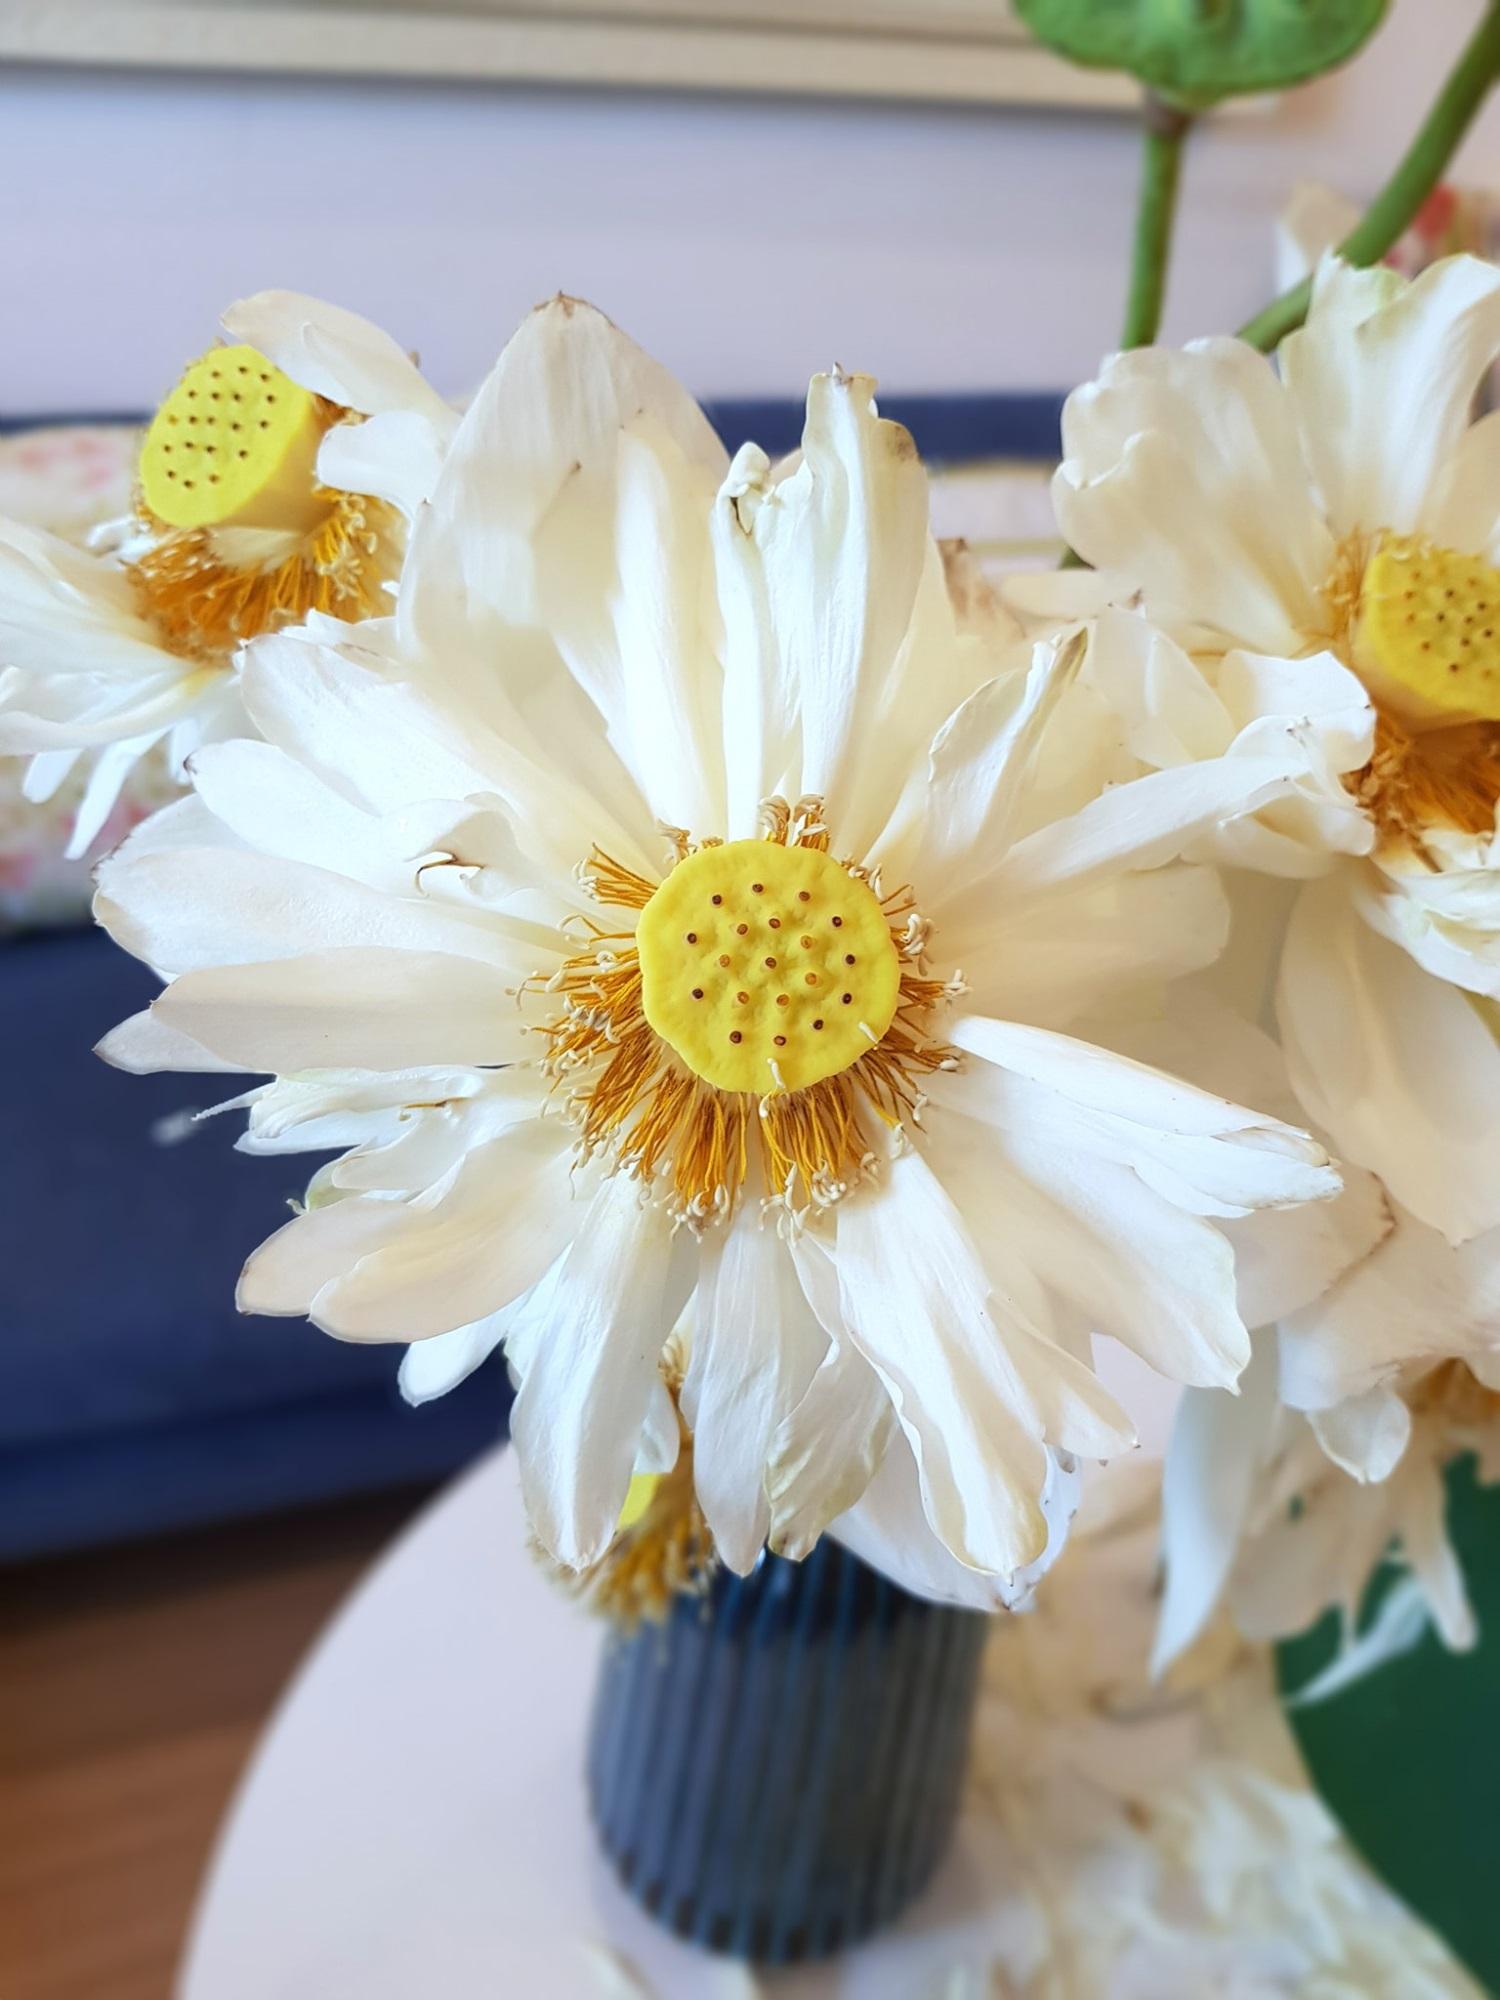 Cô gái Hà Nội tung bí kíp 'níu giữ' vẻ đẹp bạch liên hoa trọn vẹn trong 3 ngày, nhìn bình sen nở rộ mà u mê con mắt - Ảnh 15